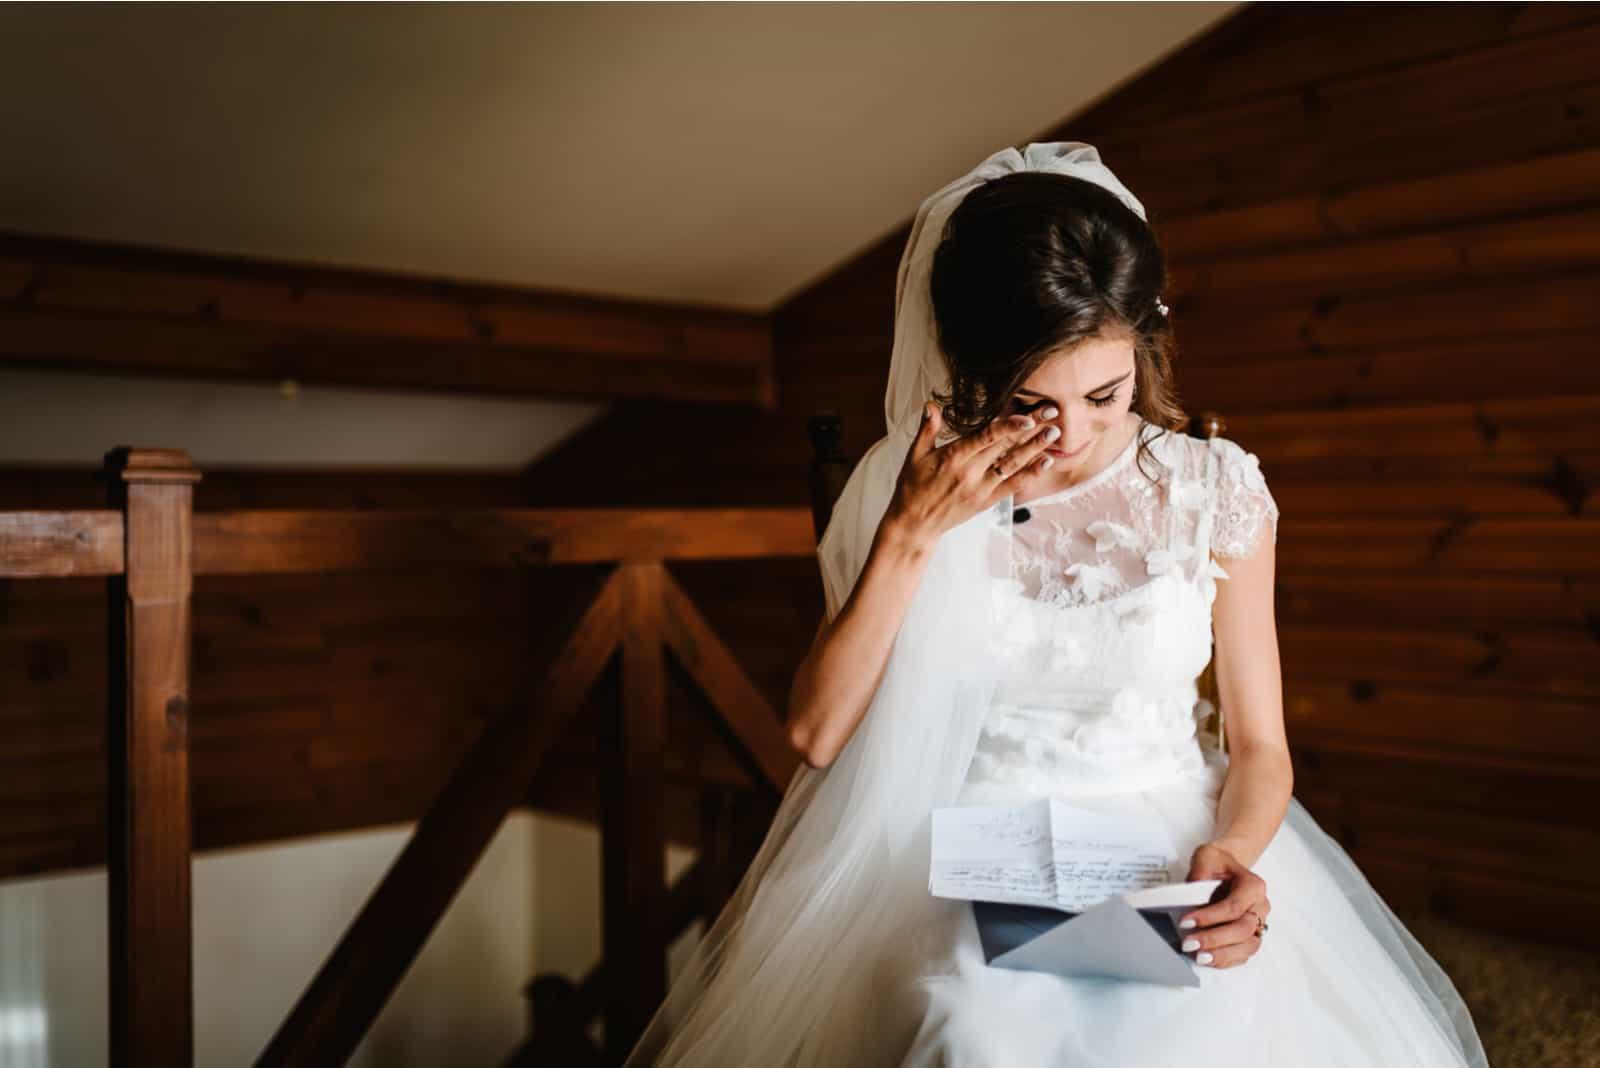 Die Frau im Hochzeitskleid liest den Brief und weint